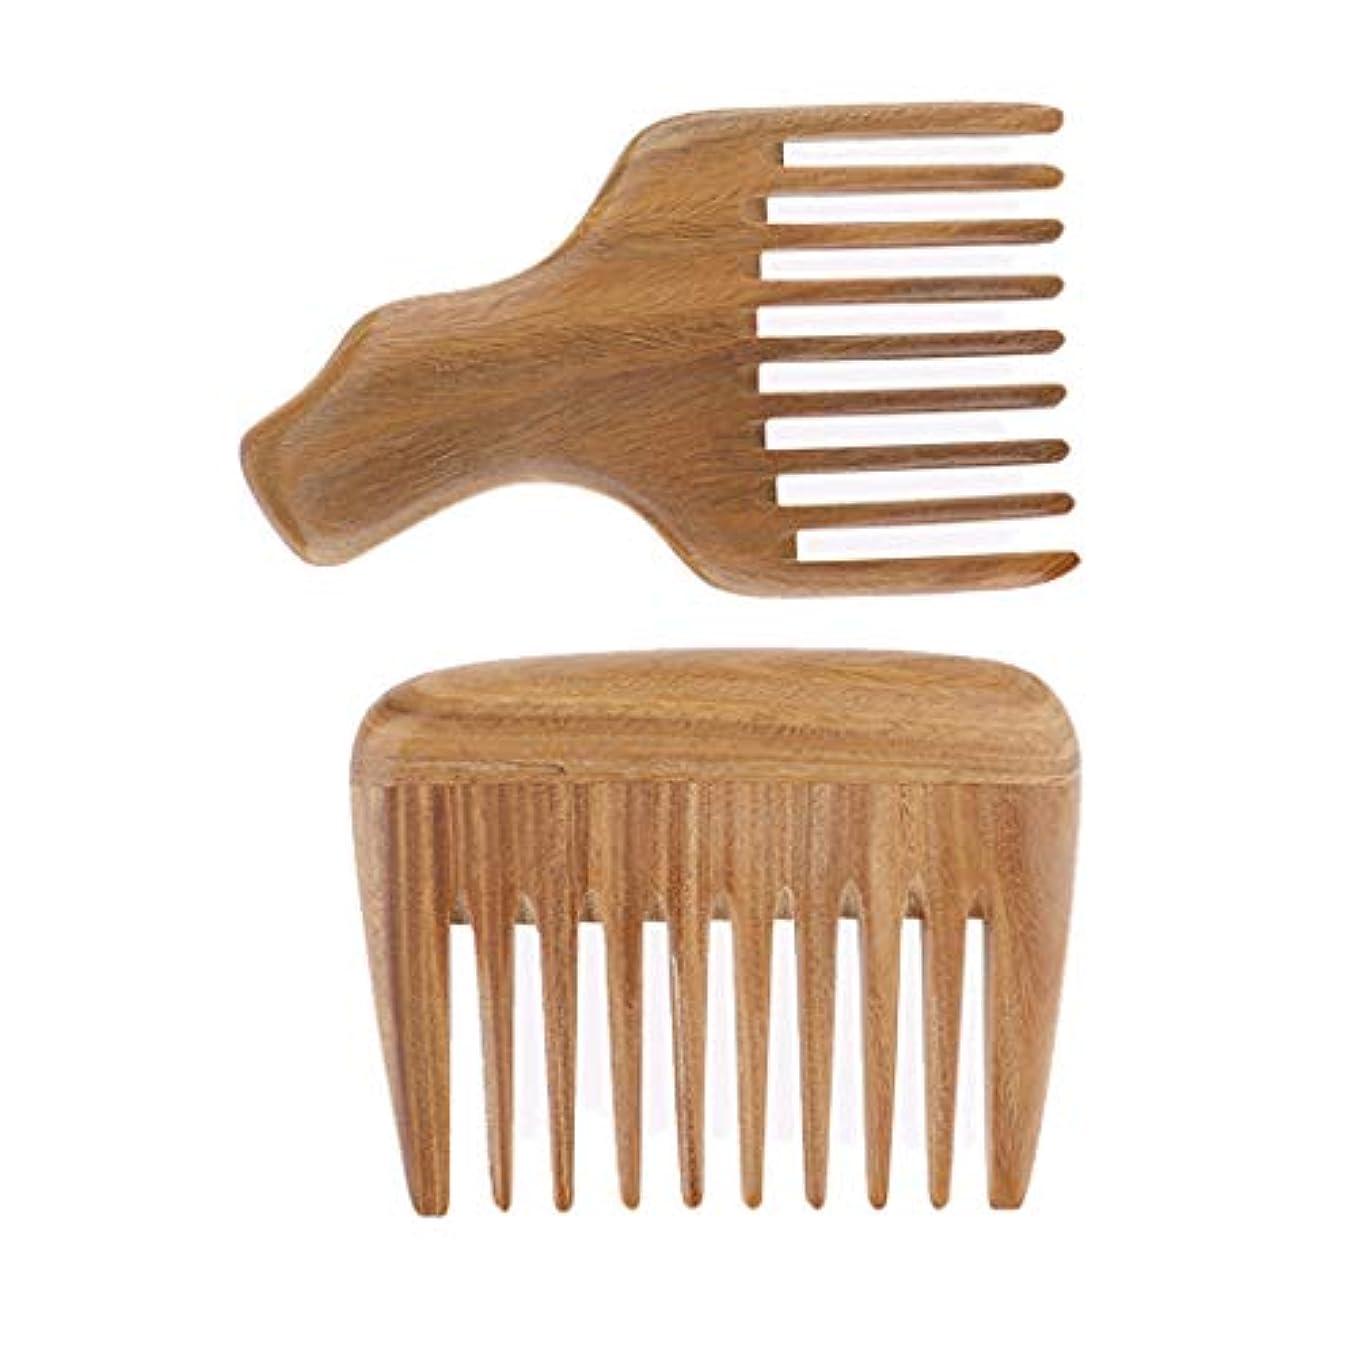 種類地上の褐色ヘアブラシ ヘアダイコーム 櫛 ヘアコーム 木製コーム 粗い 頭皮マッサージ ツール 2個入り